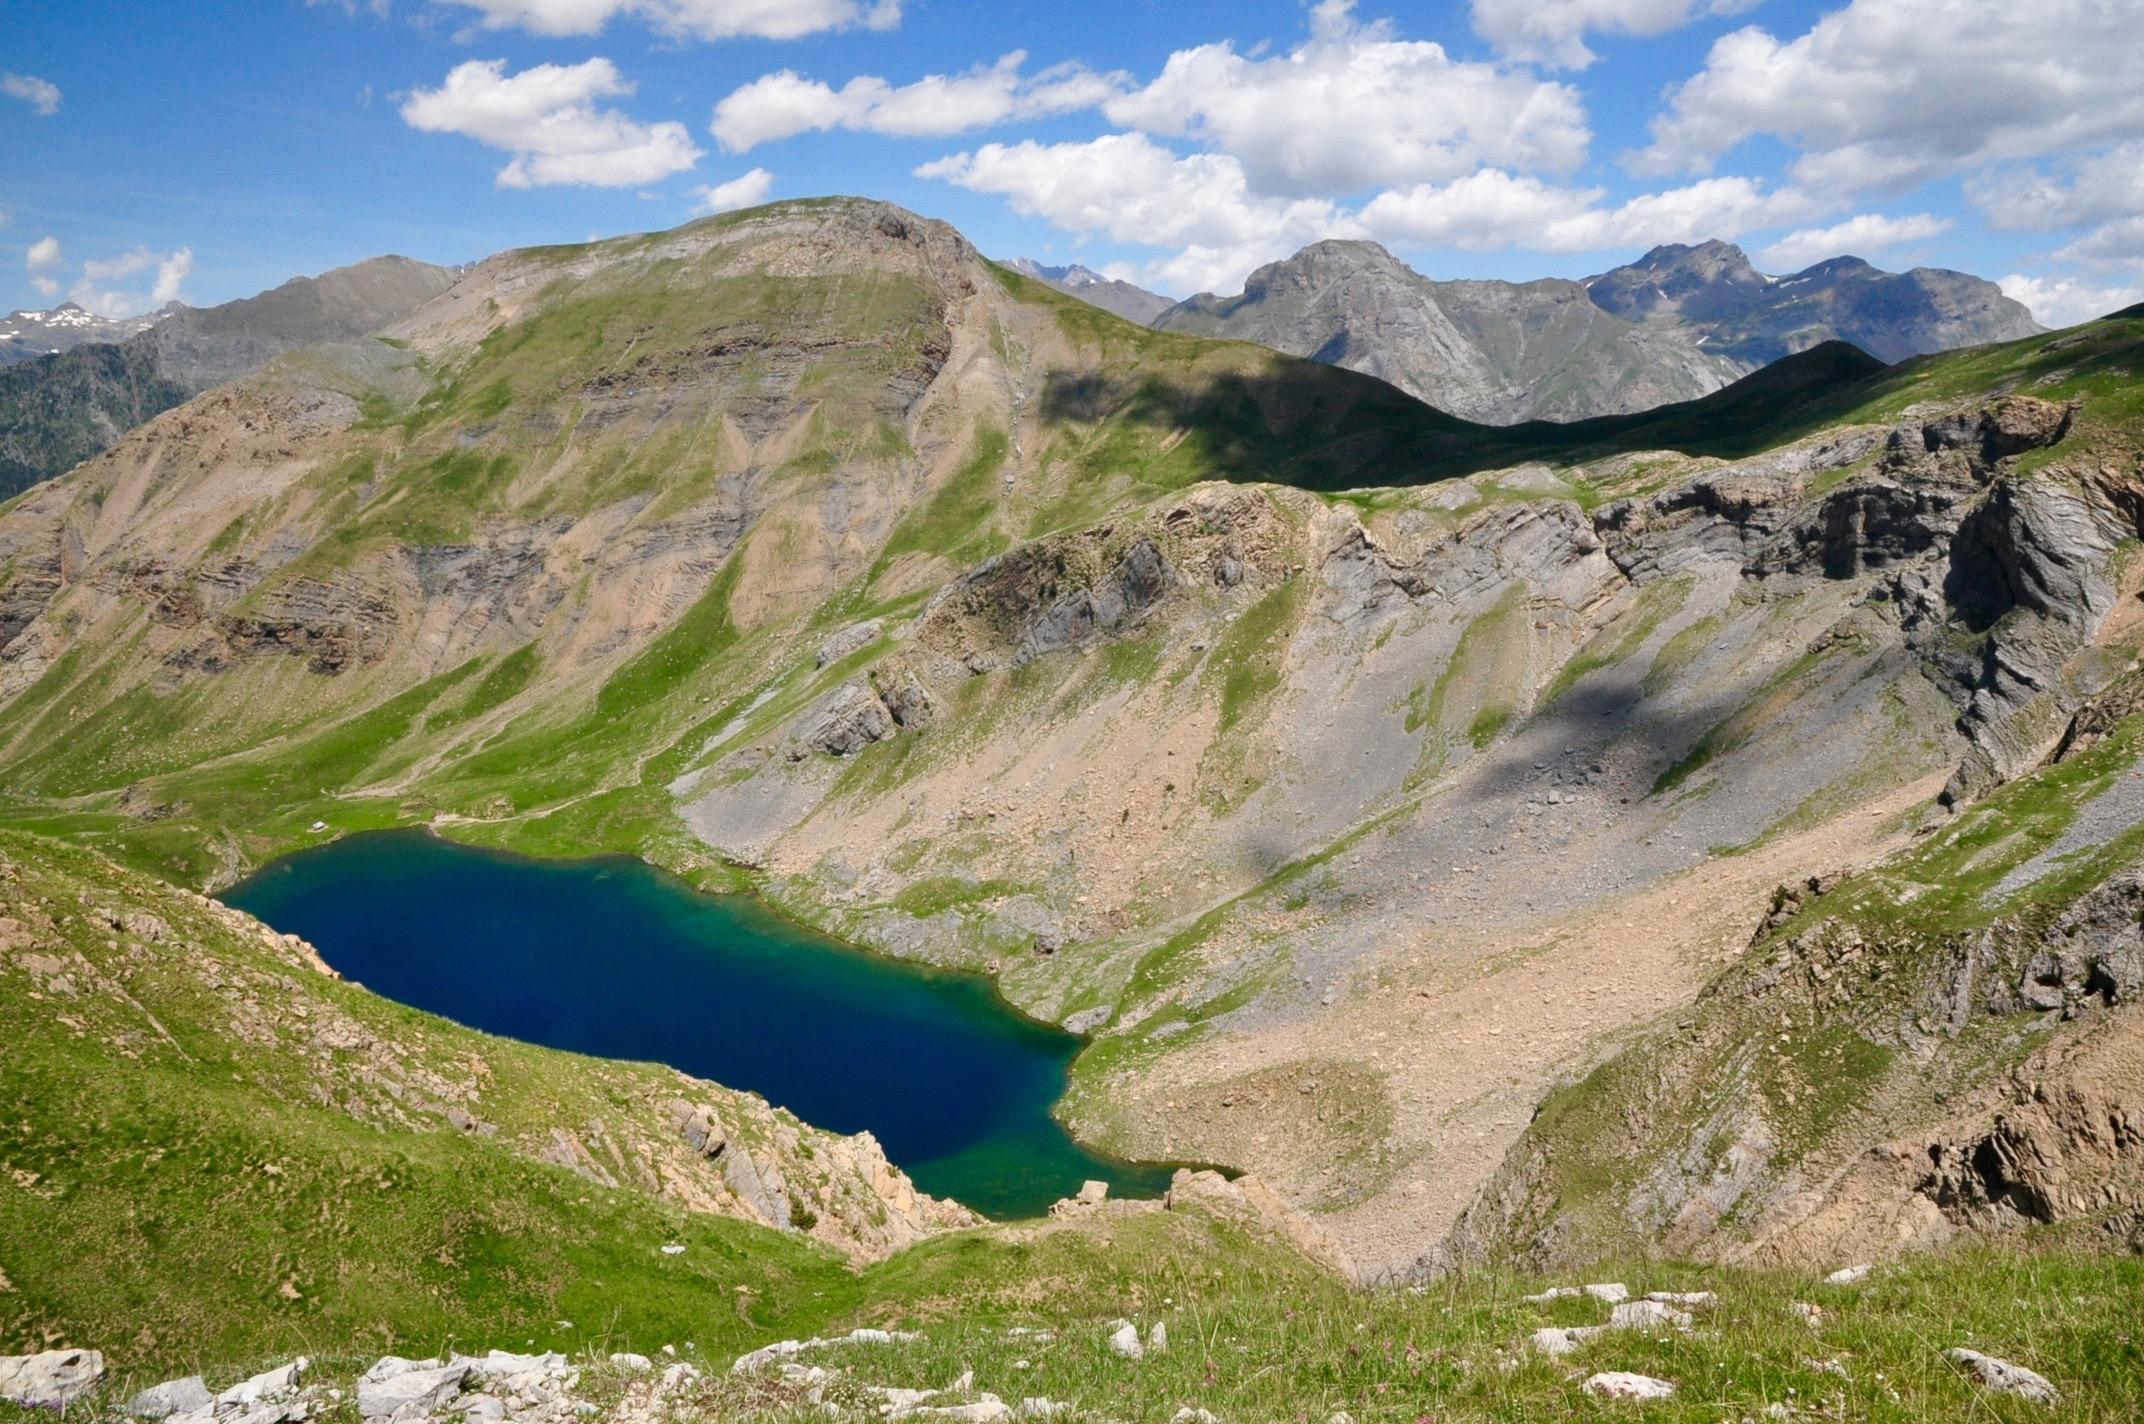 Lac de Sabocos